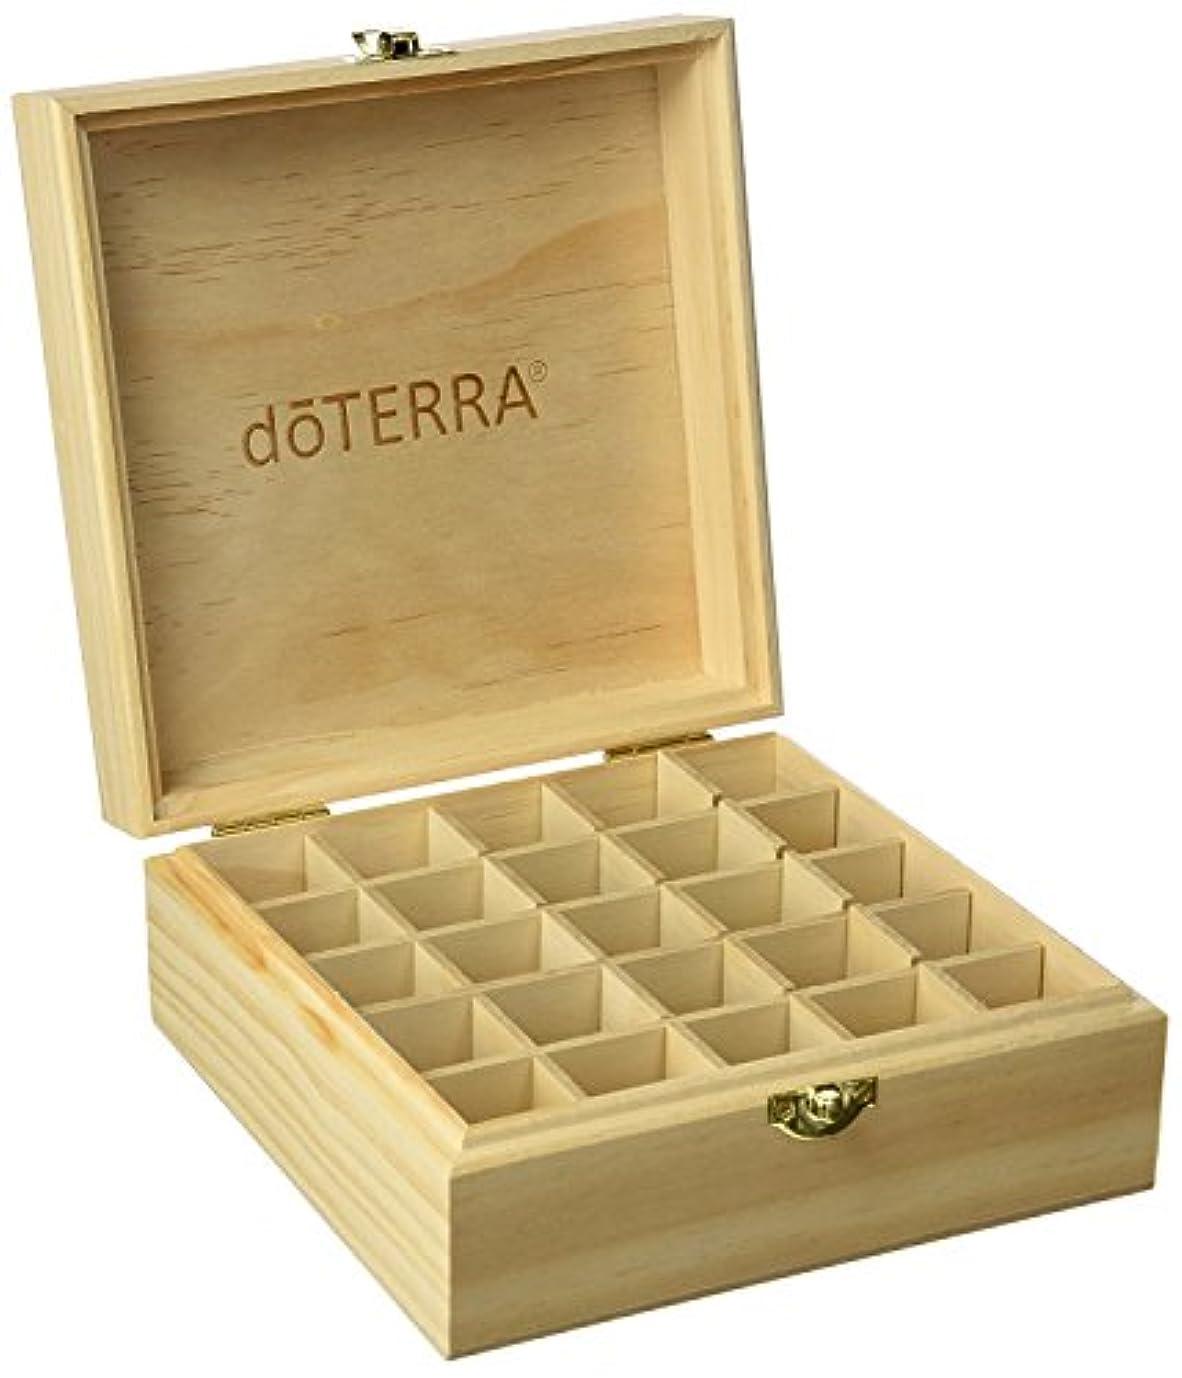 ヘロインブロックストレージエッセンシャルオイル収納ボックス25本用 エッセンシャルオイルボックス 20 mlのボトルを15 mlのための25のブロックによって木製のキャビネット